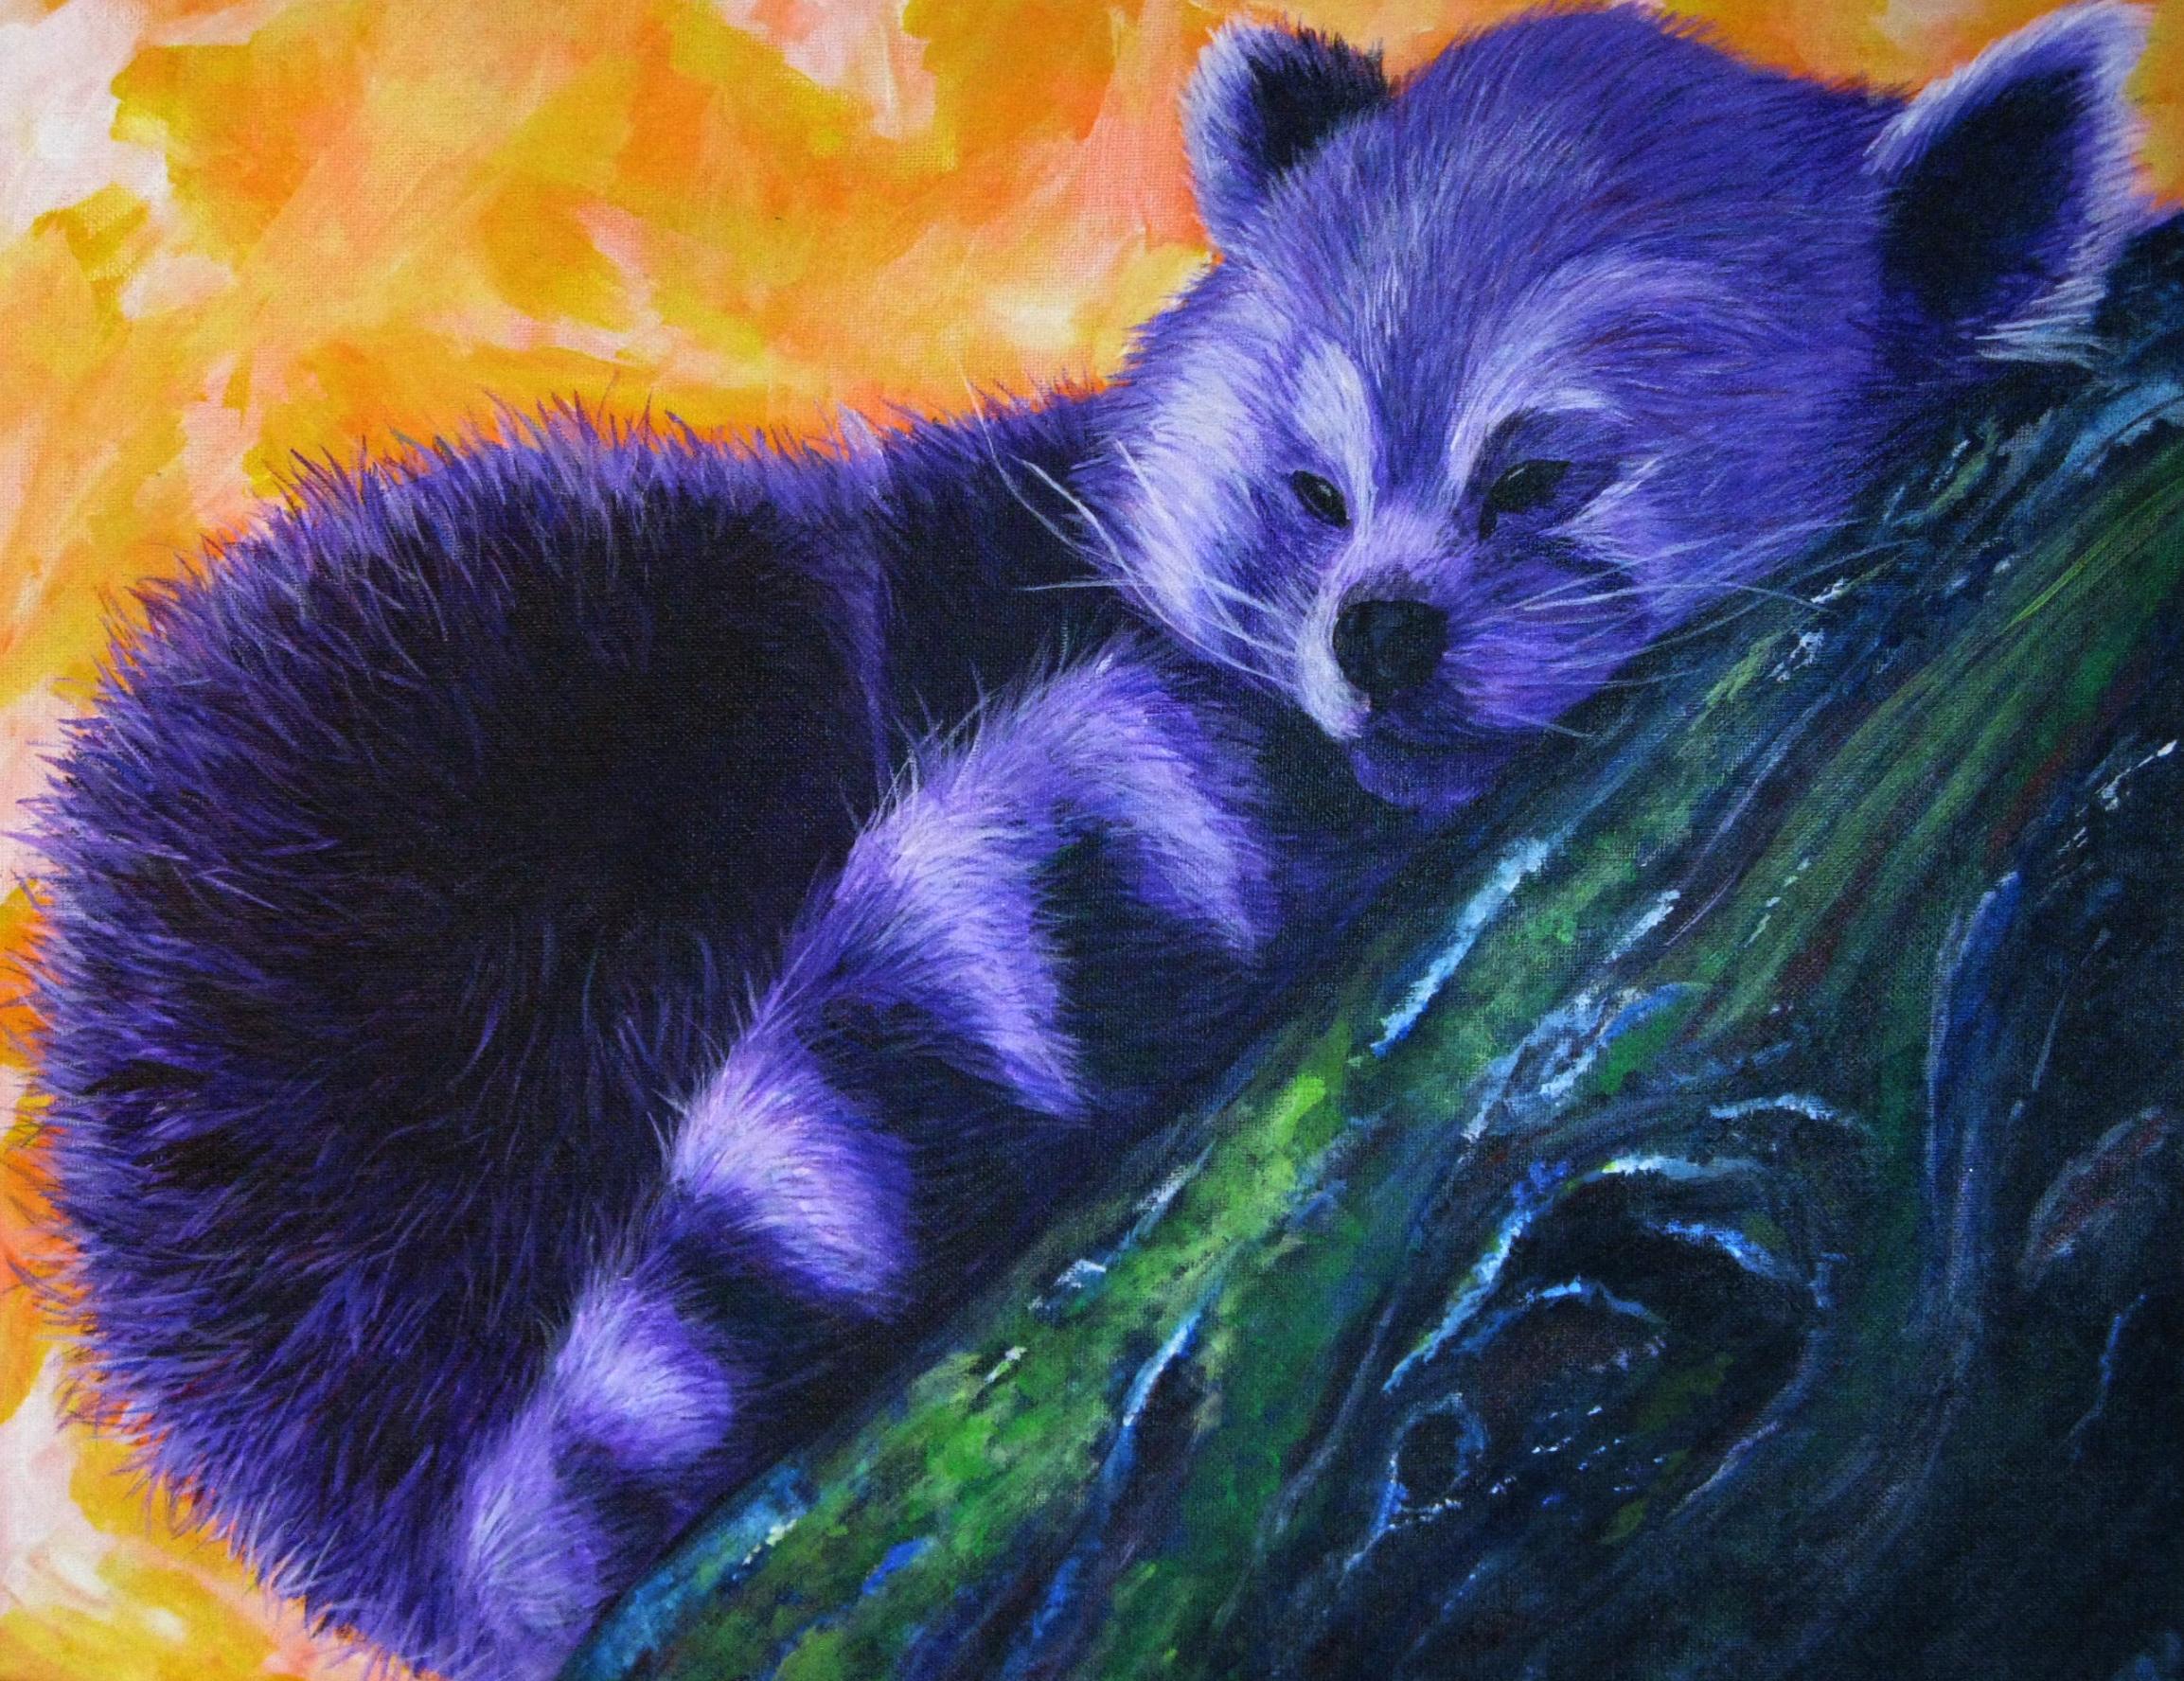 Purple Red Panda by phoenixfyre6967